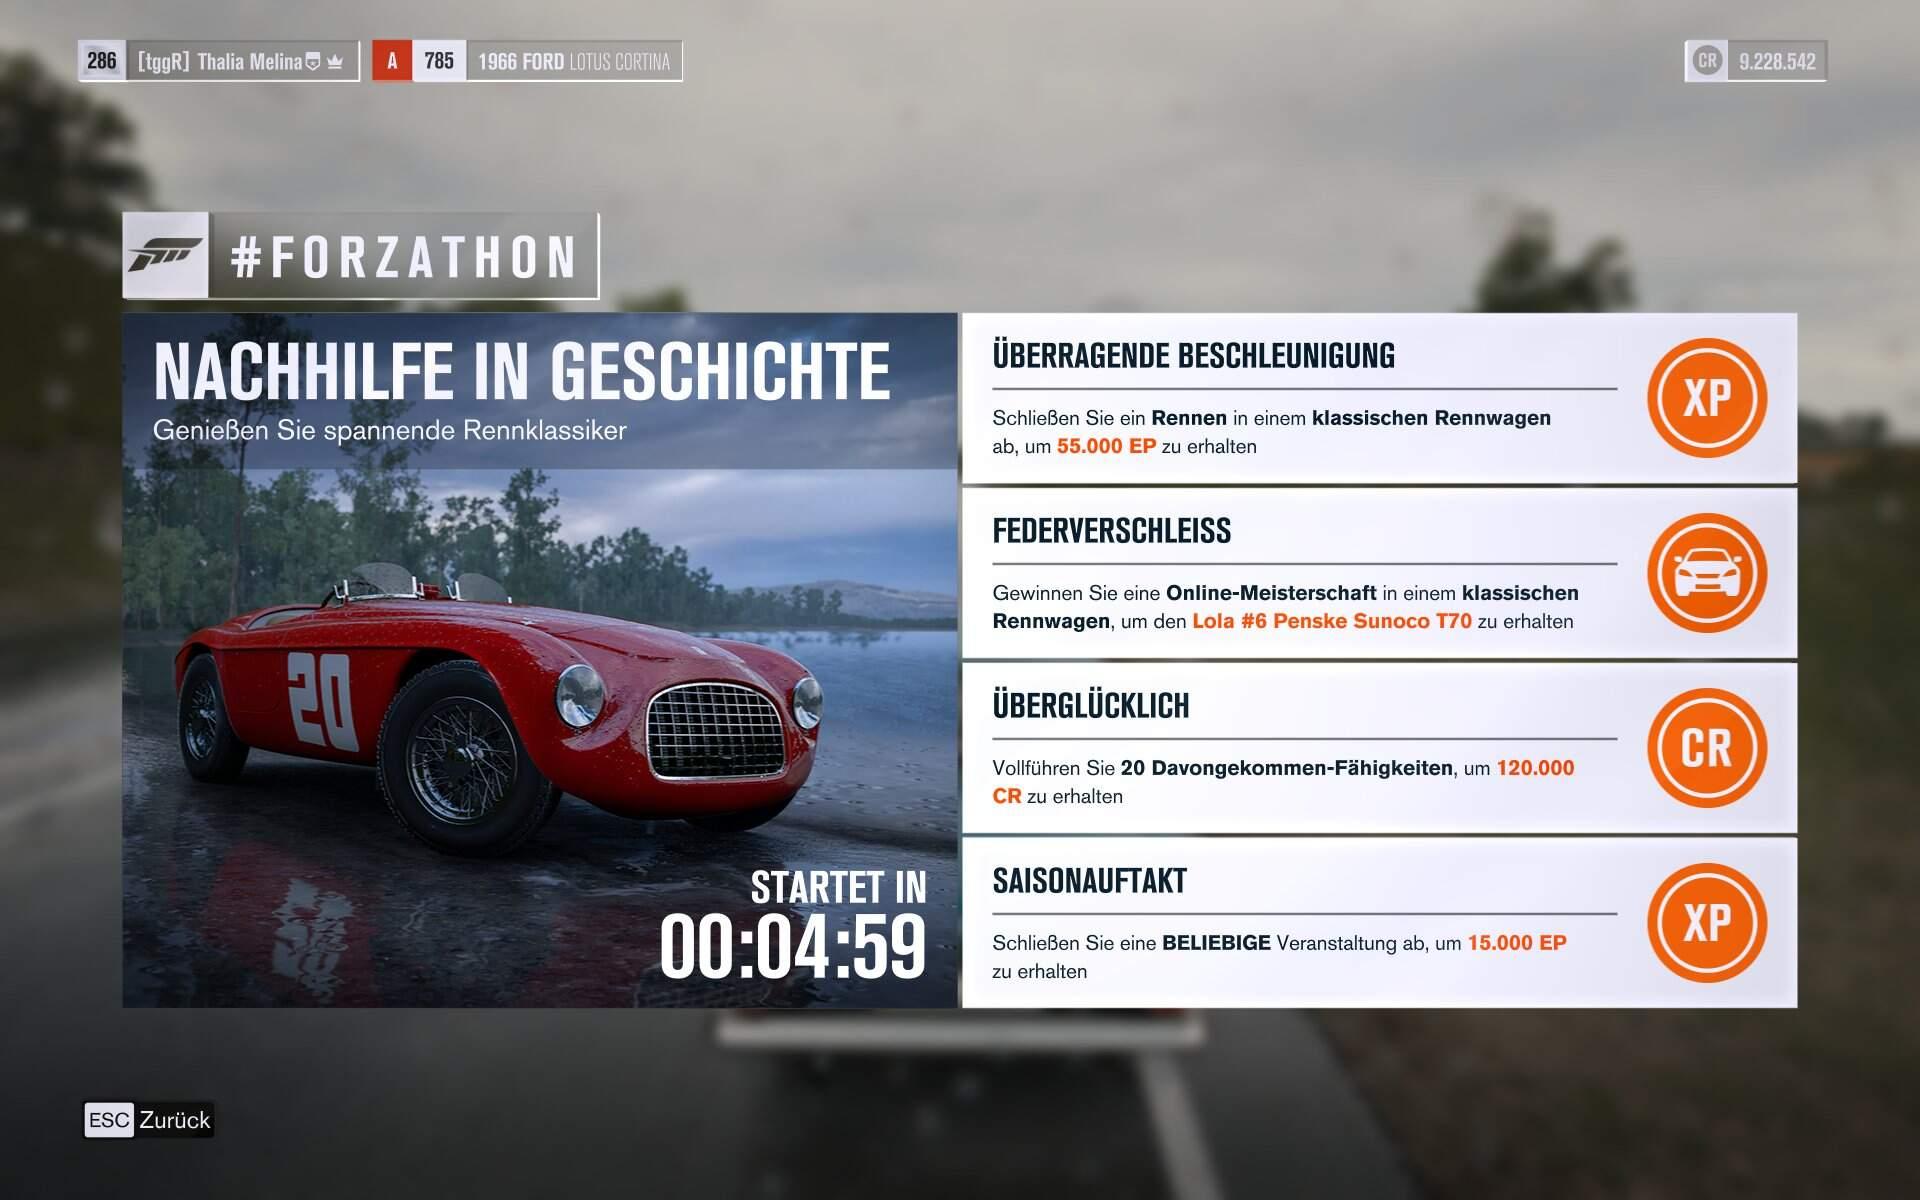 Forza Horizon 3 Forzathon KW 32